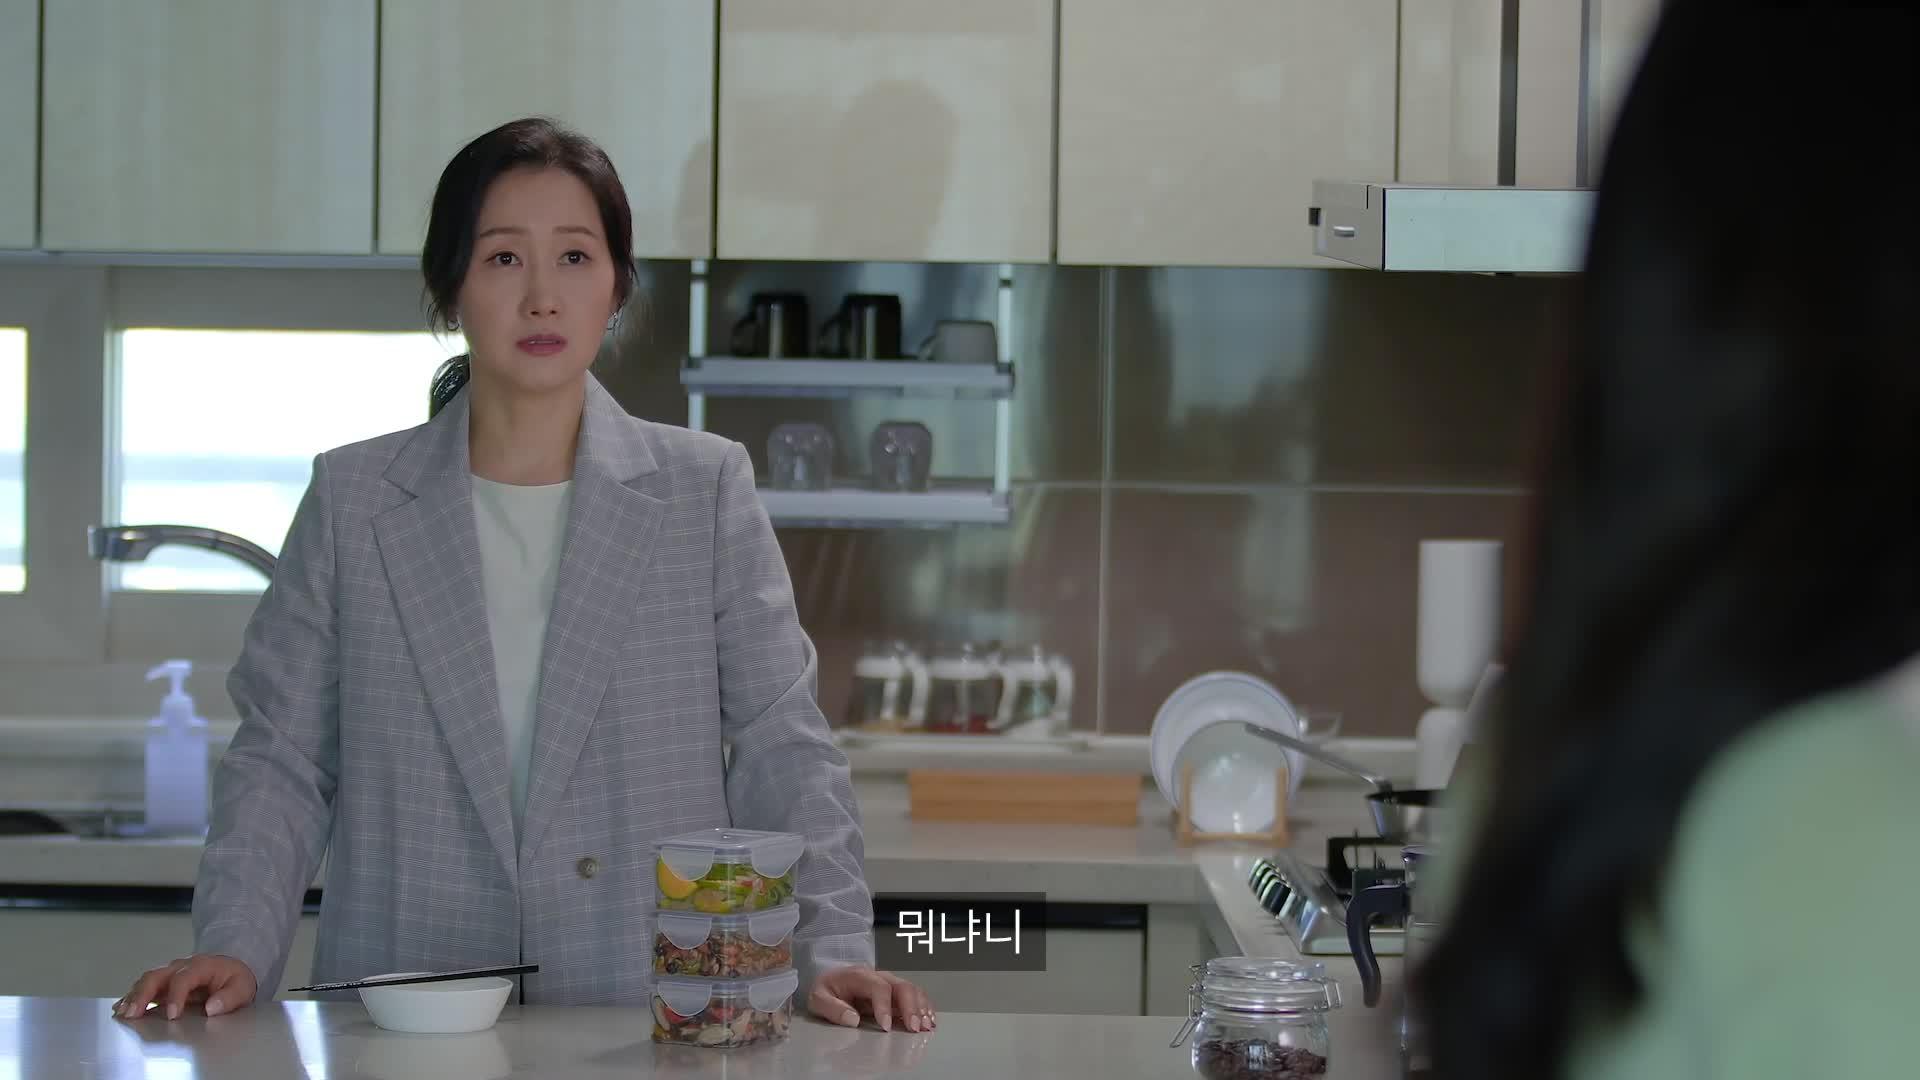 스무 살, 내 모든 것이 바뀌어버렸다⎮ 에이틴 그리고, [트웬티 트웬티] - EP.02